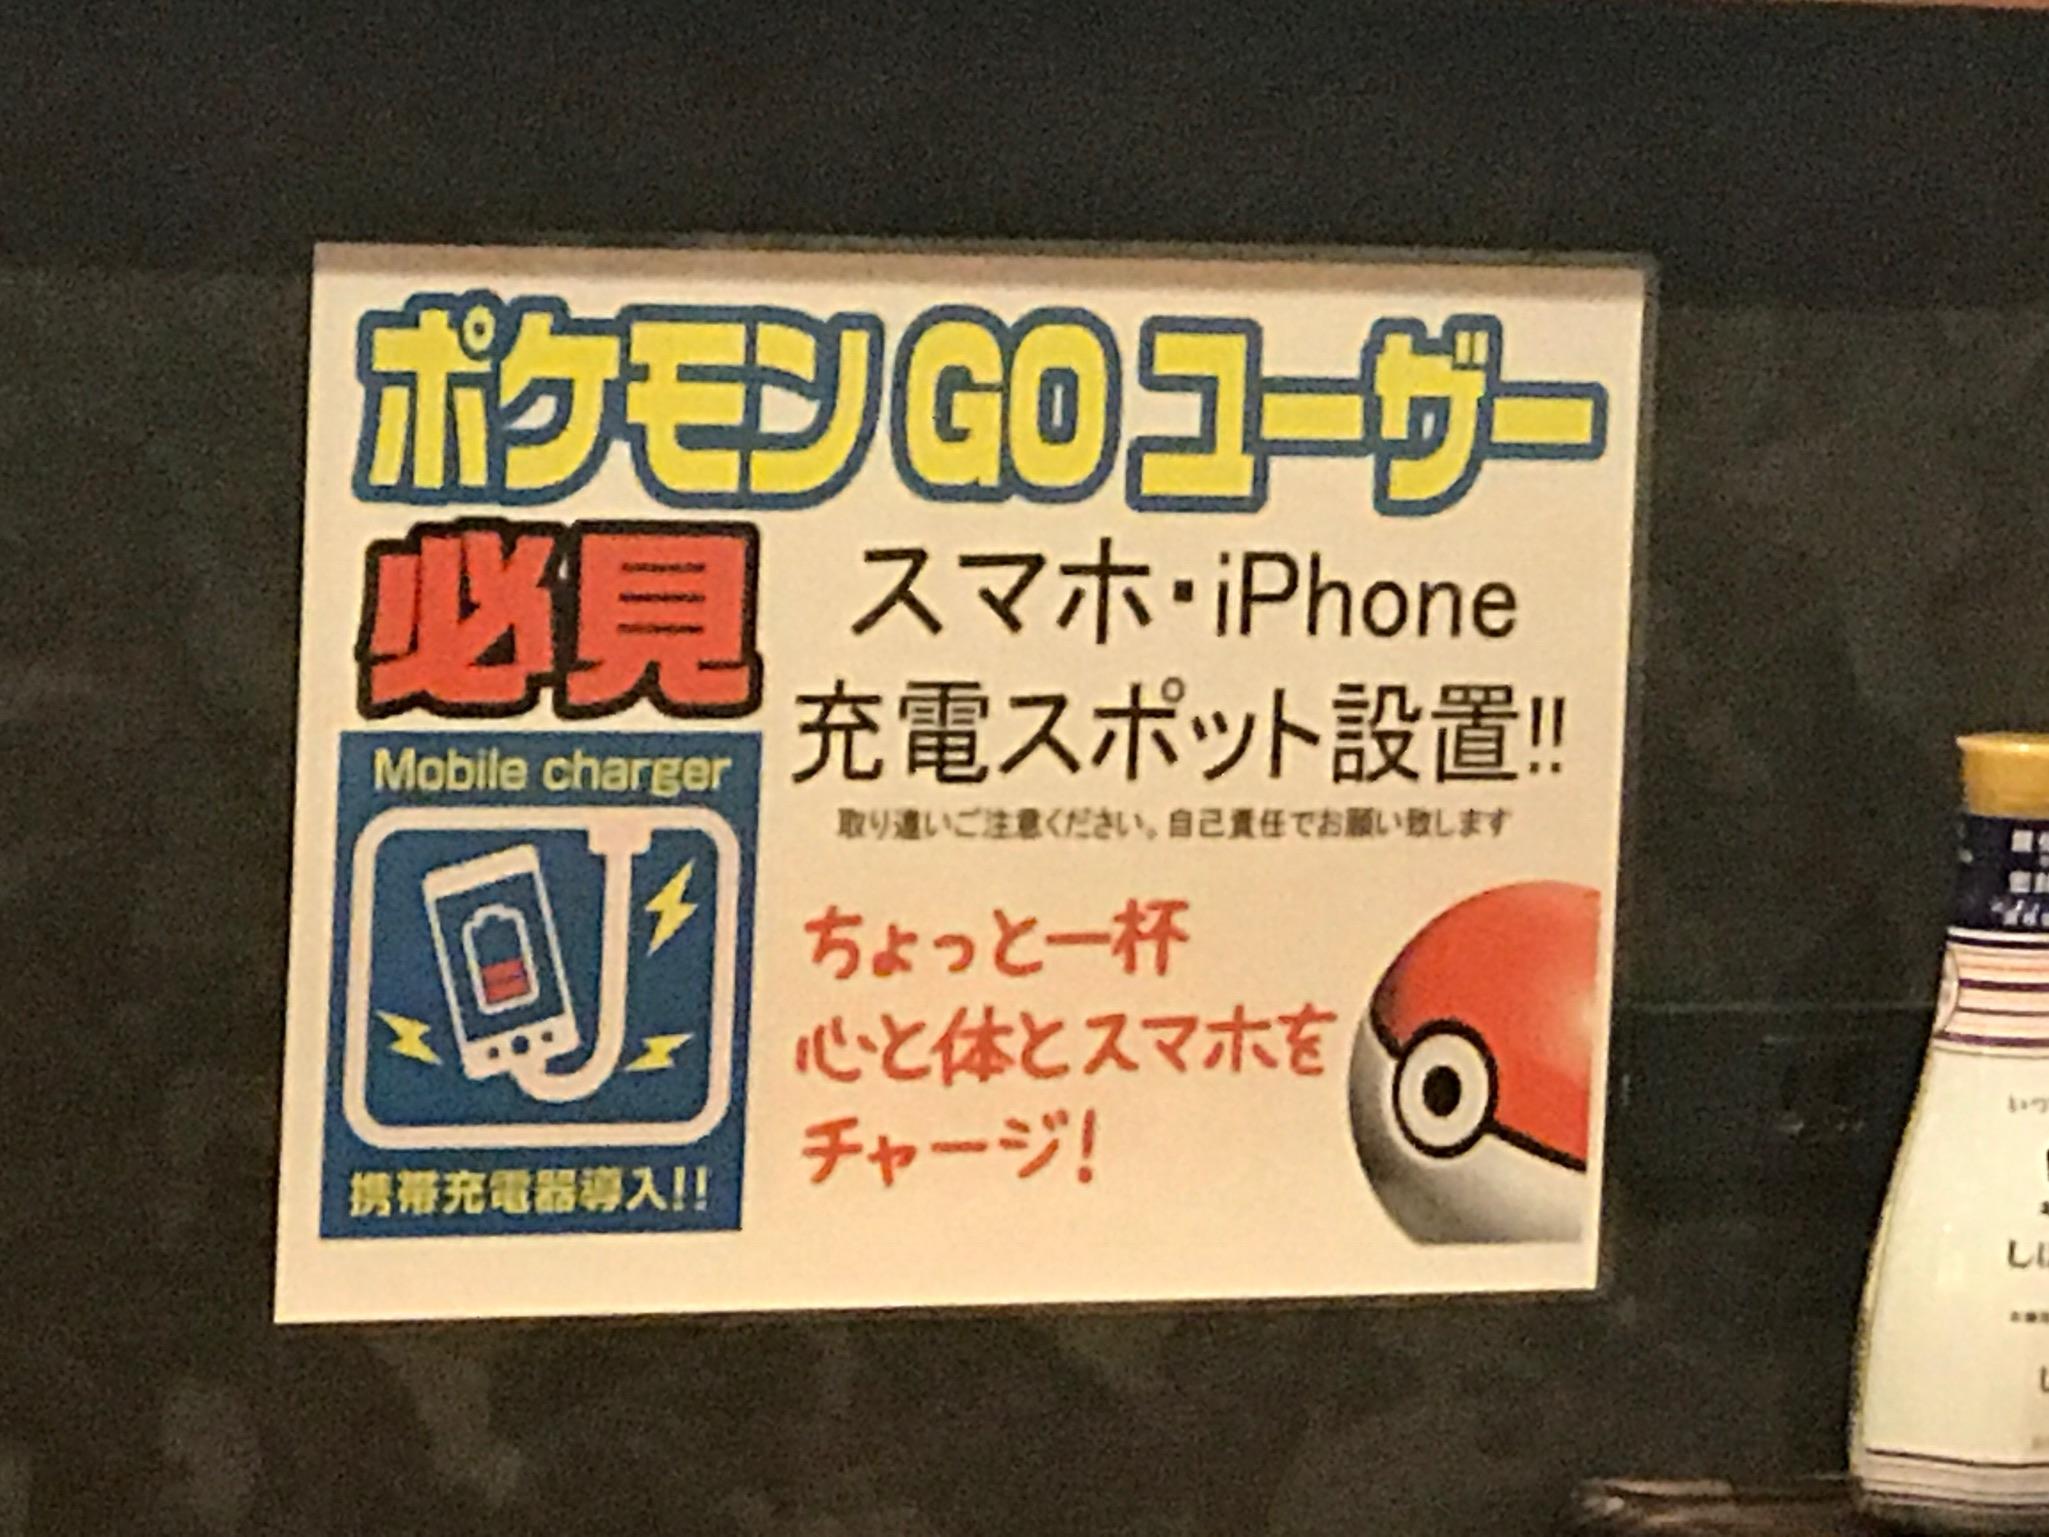 ポケモンGOユーザー必見!充電スポット設置!の張り紙